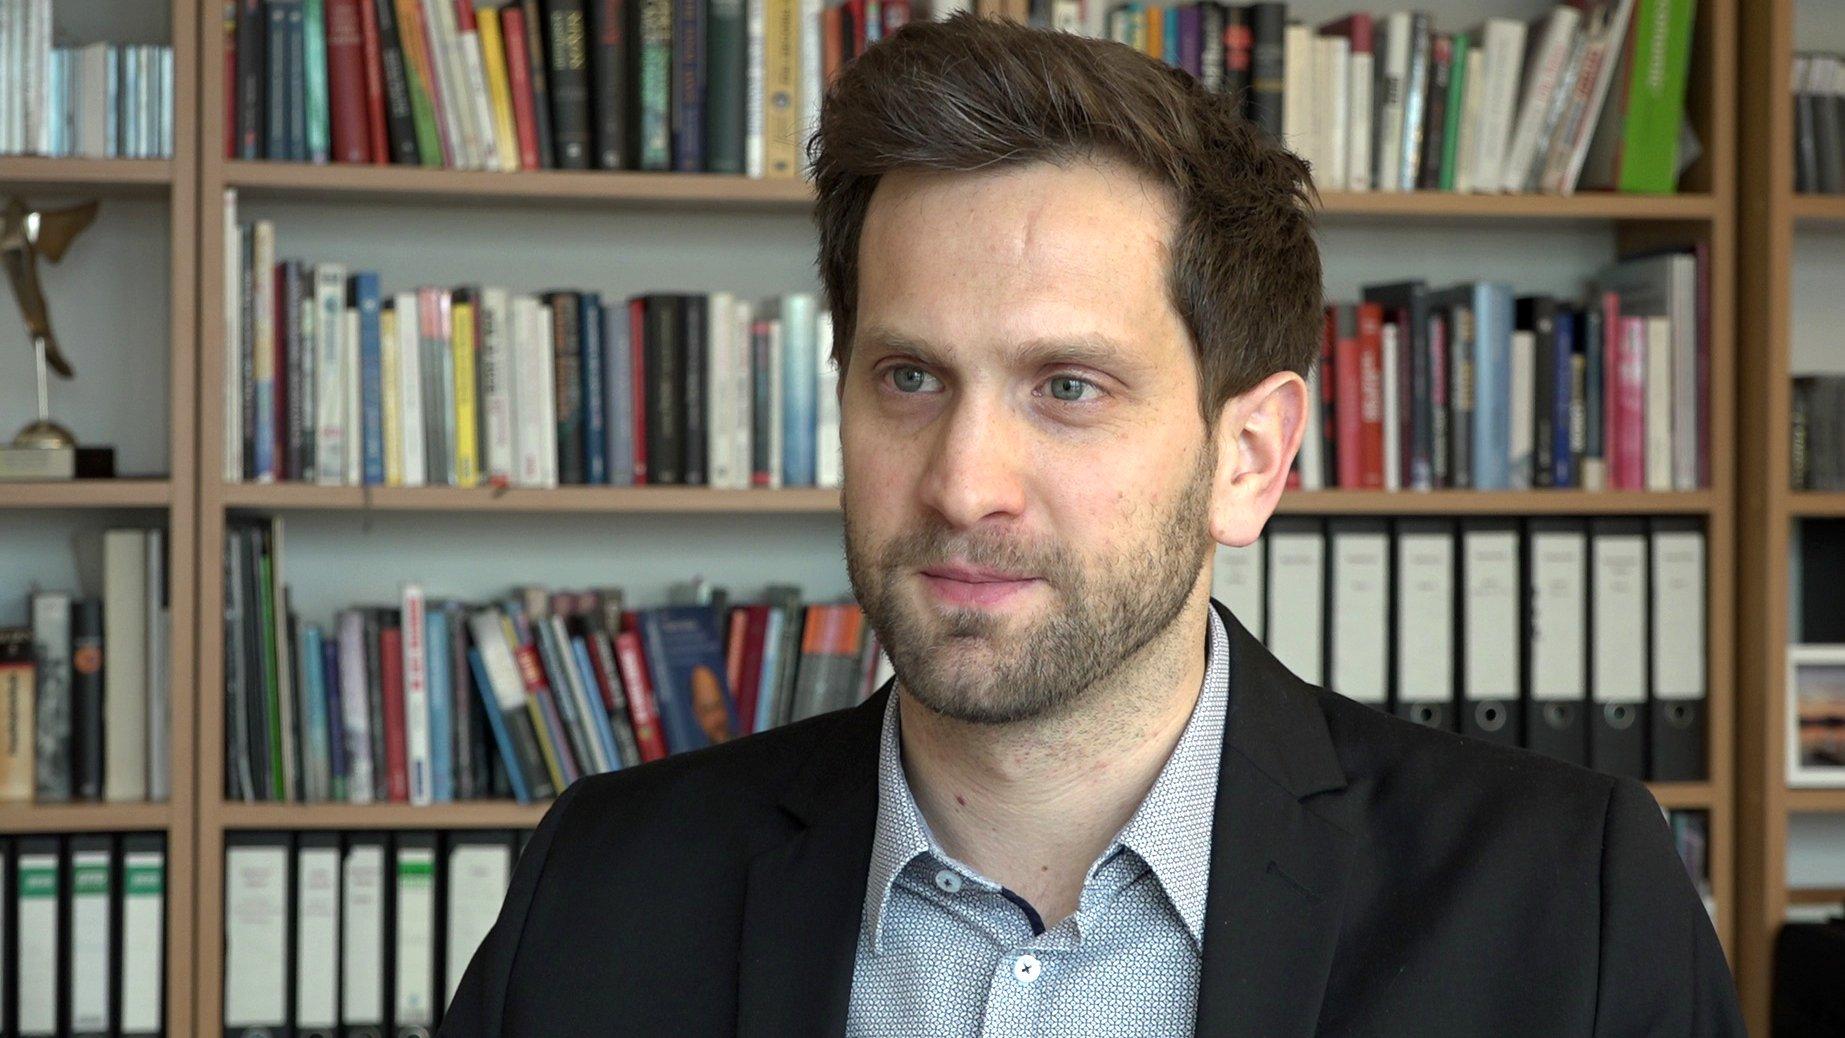 Adrian Schaefer-Rolffs im Interview: Warum gibt´s Sonderrechte für Minderheiten?